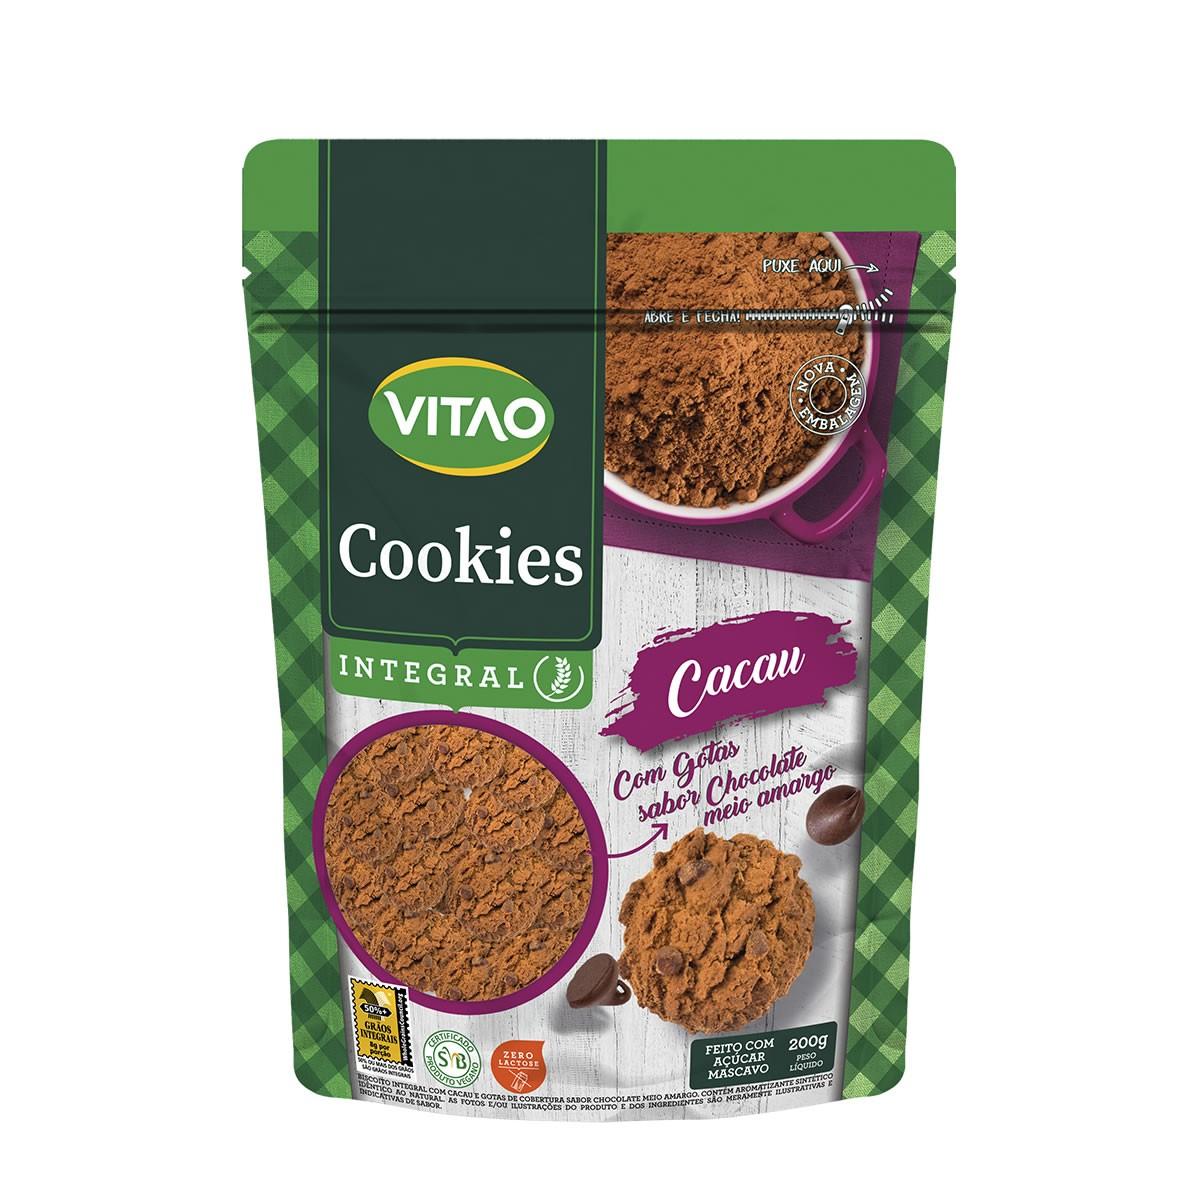 Cookie Integral Cacau com Gotas 200g - Vitao 89